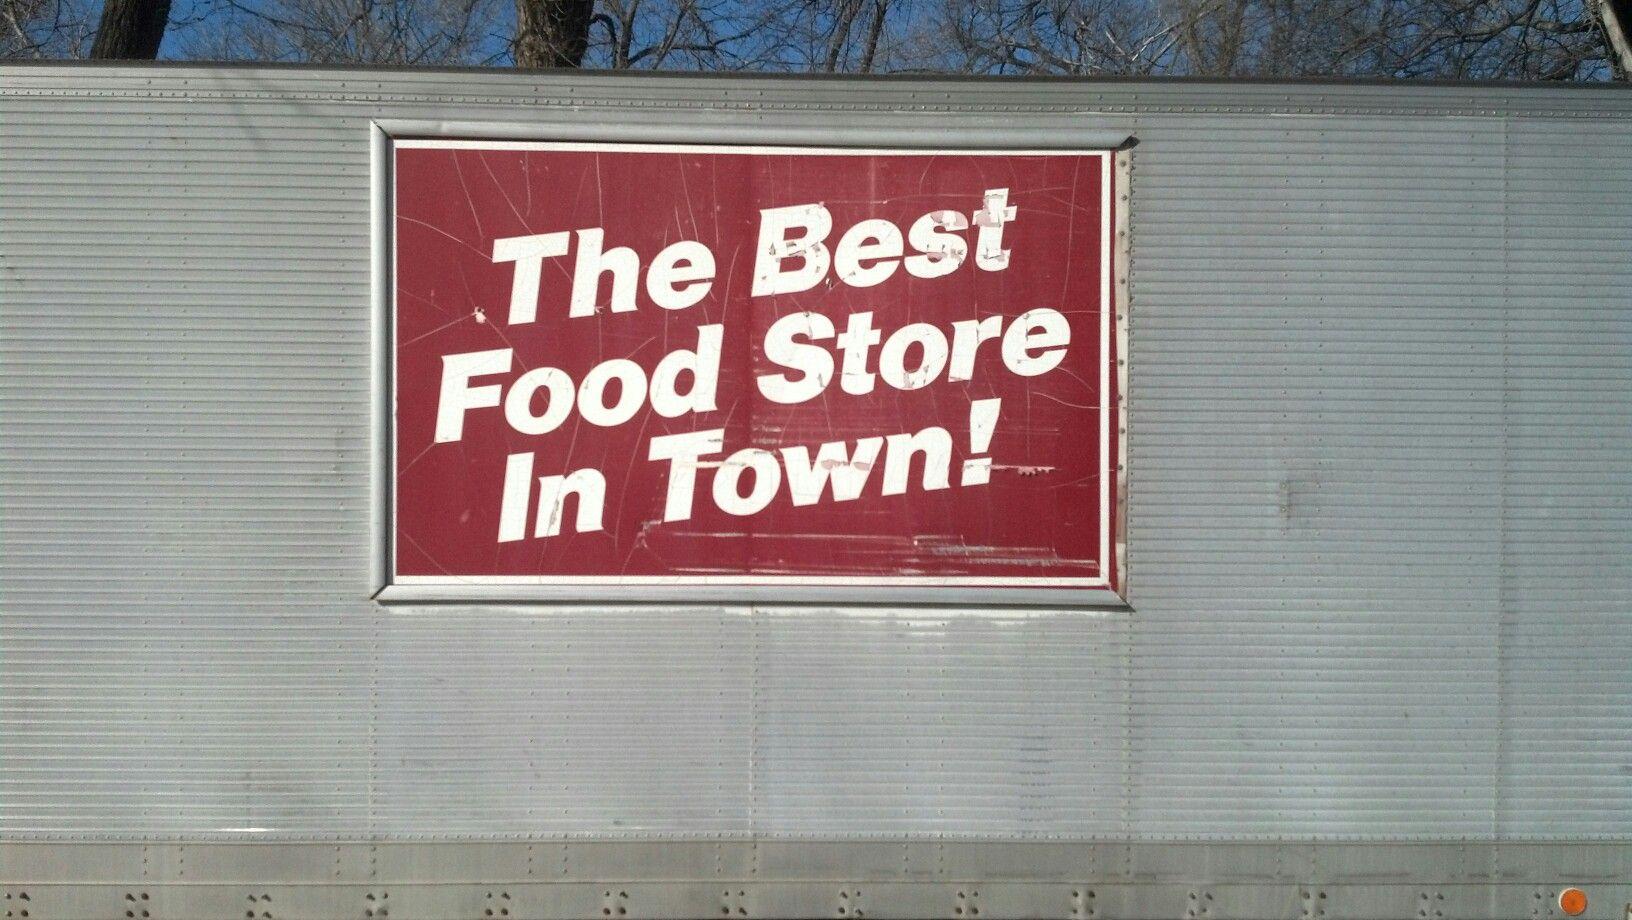 dillons food store topeka ks